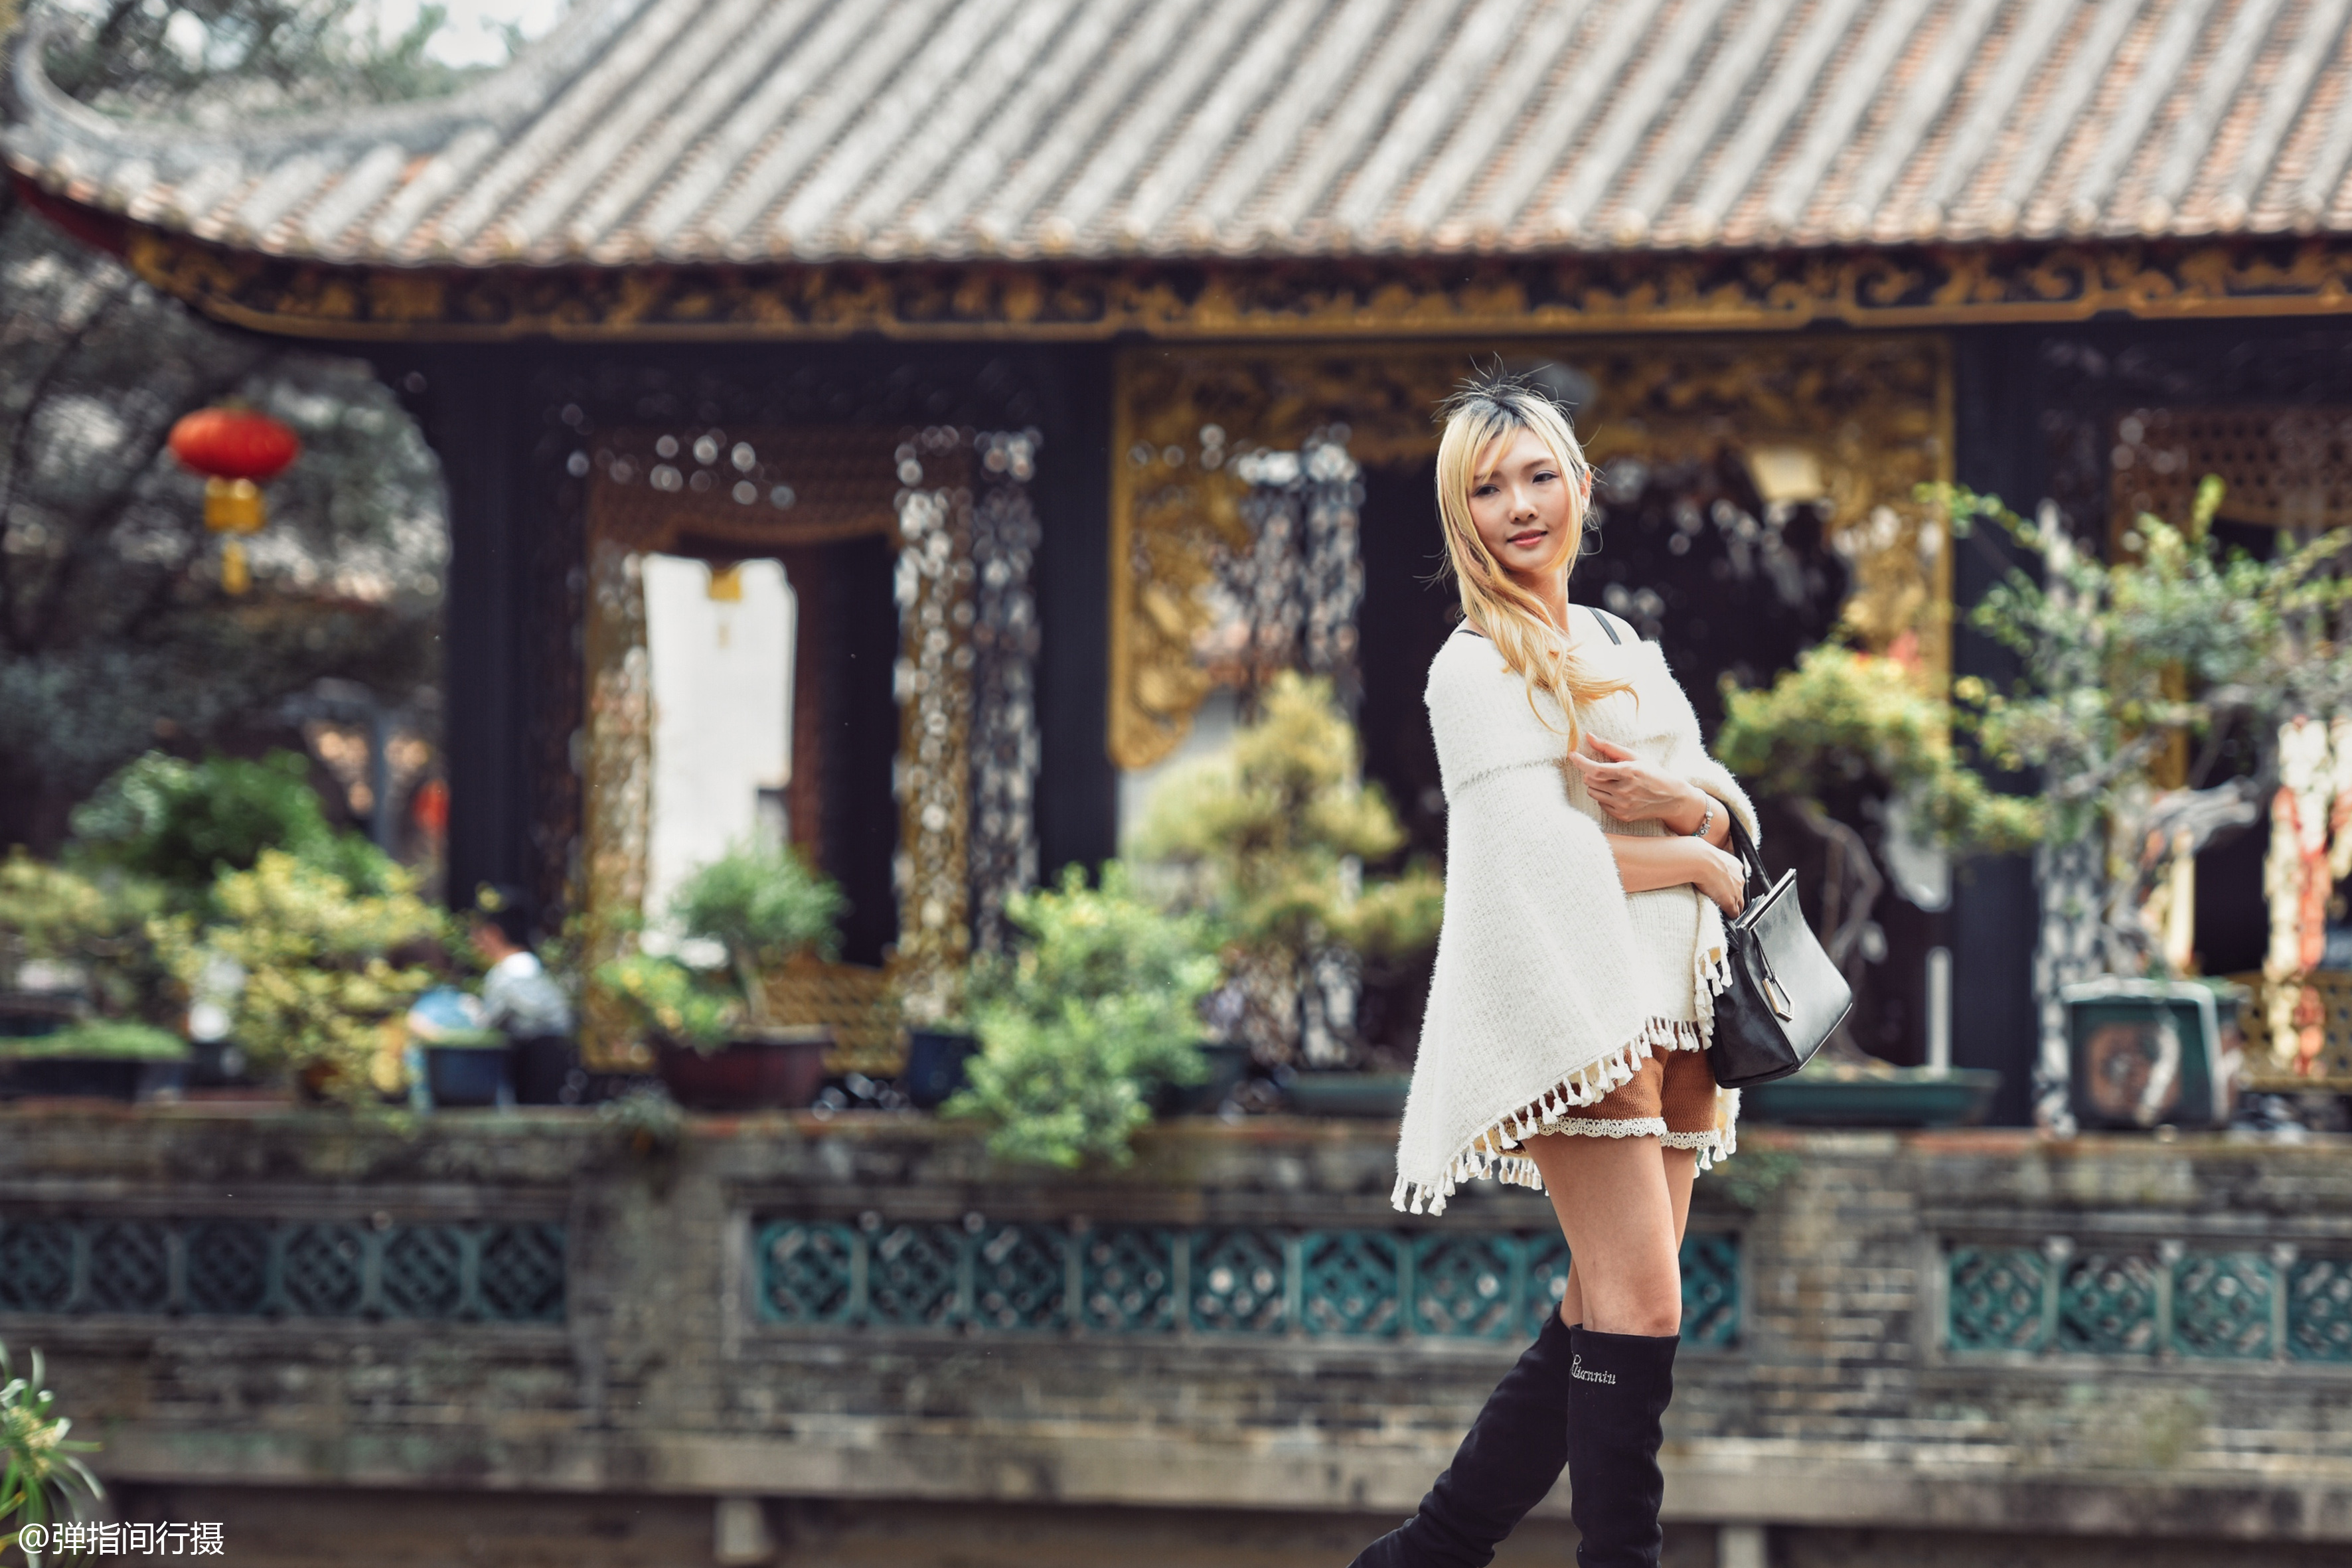 中国这5个美丽的地方,适合端午节短途旅行,你想去哪个?